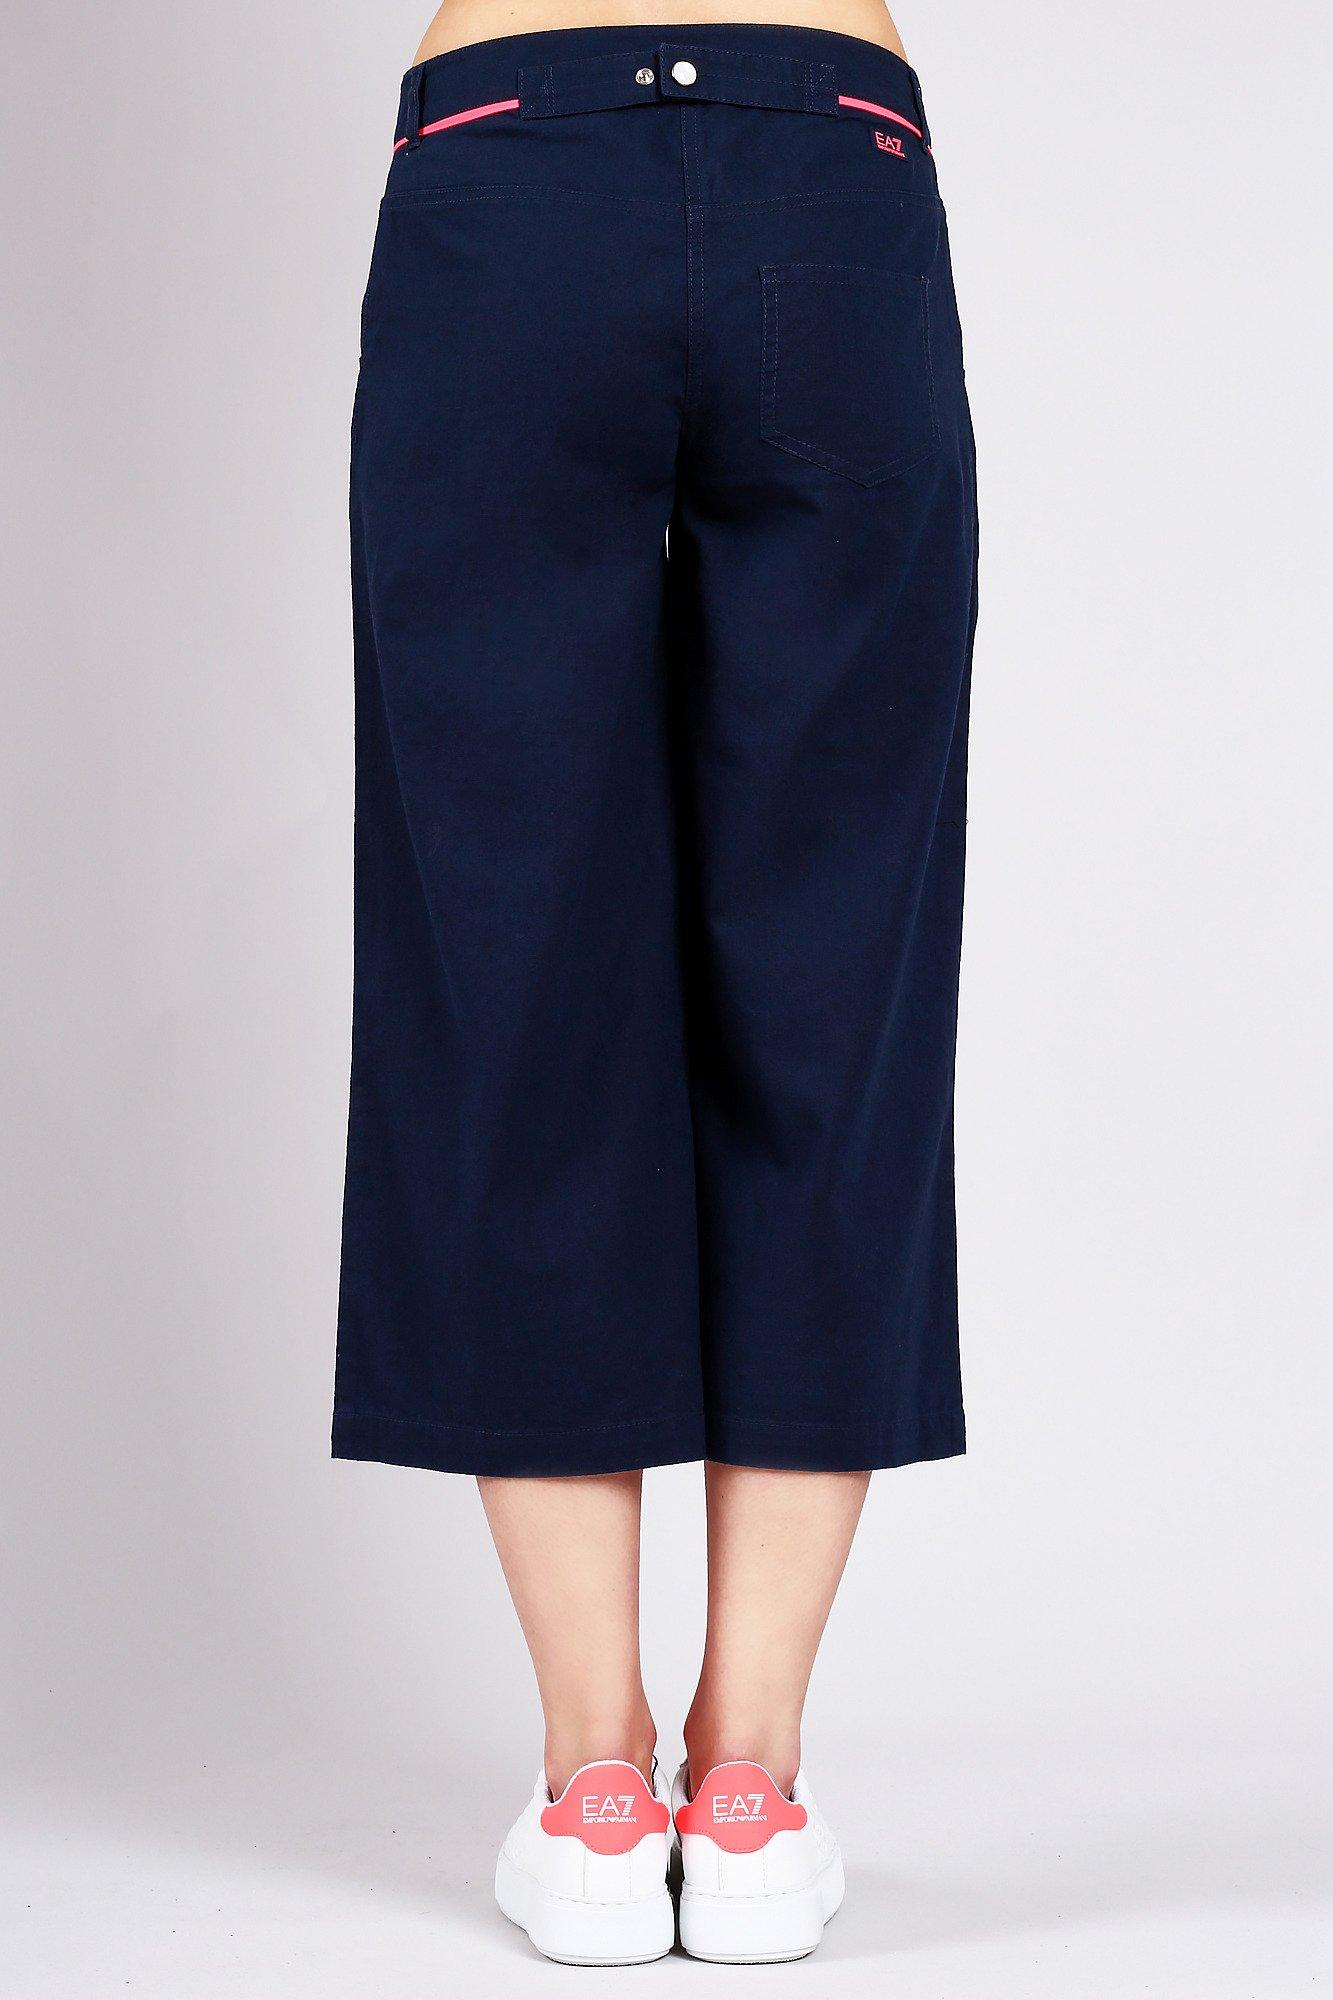 1540638e9d84a0 Granatowe spodnie damskie o szerokich nogawkach | Markowa odzież w ...